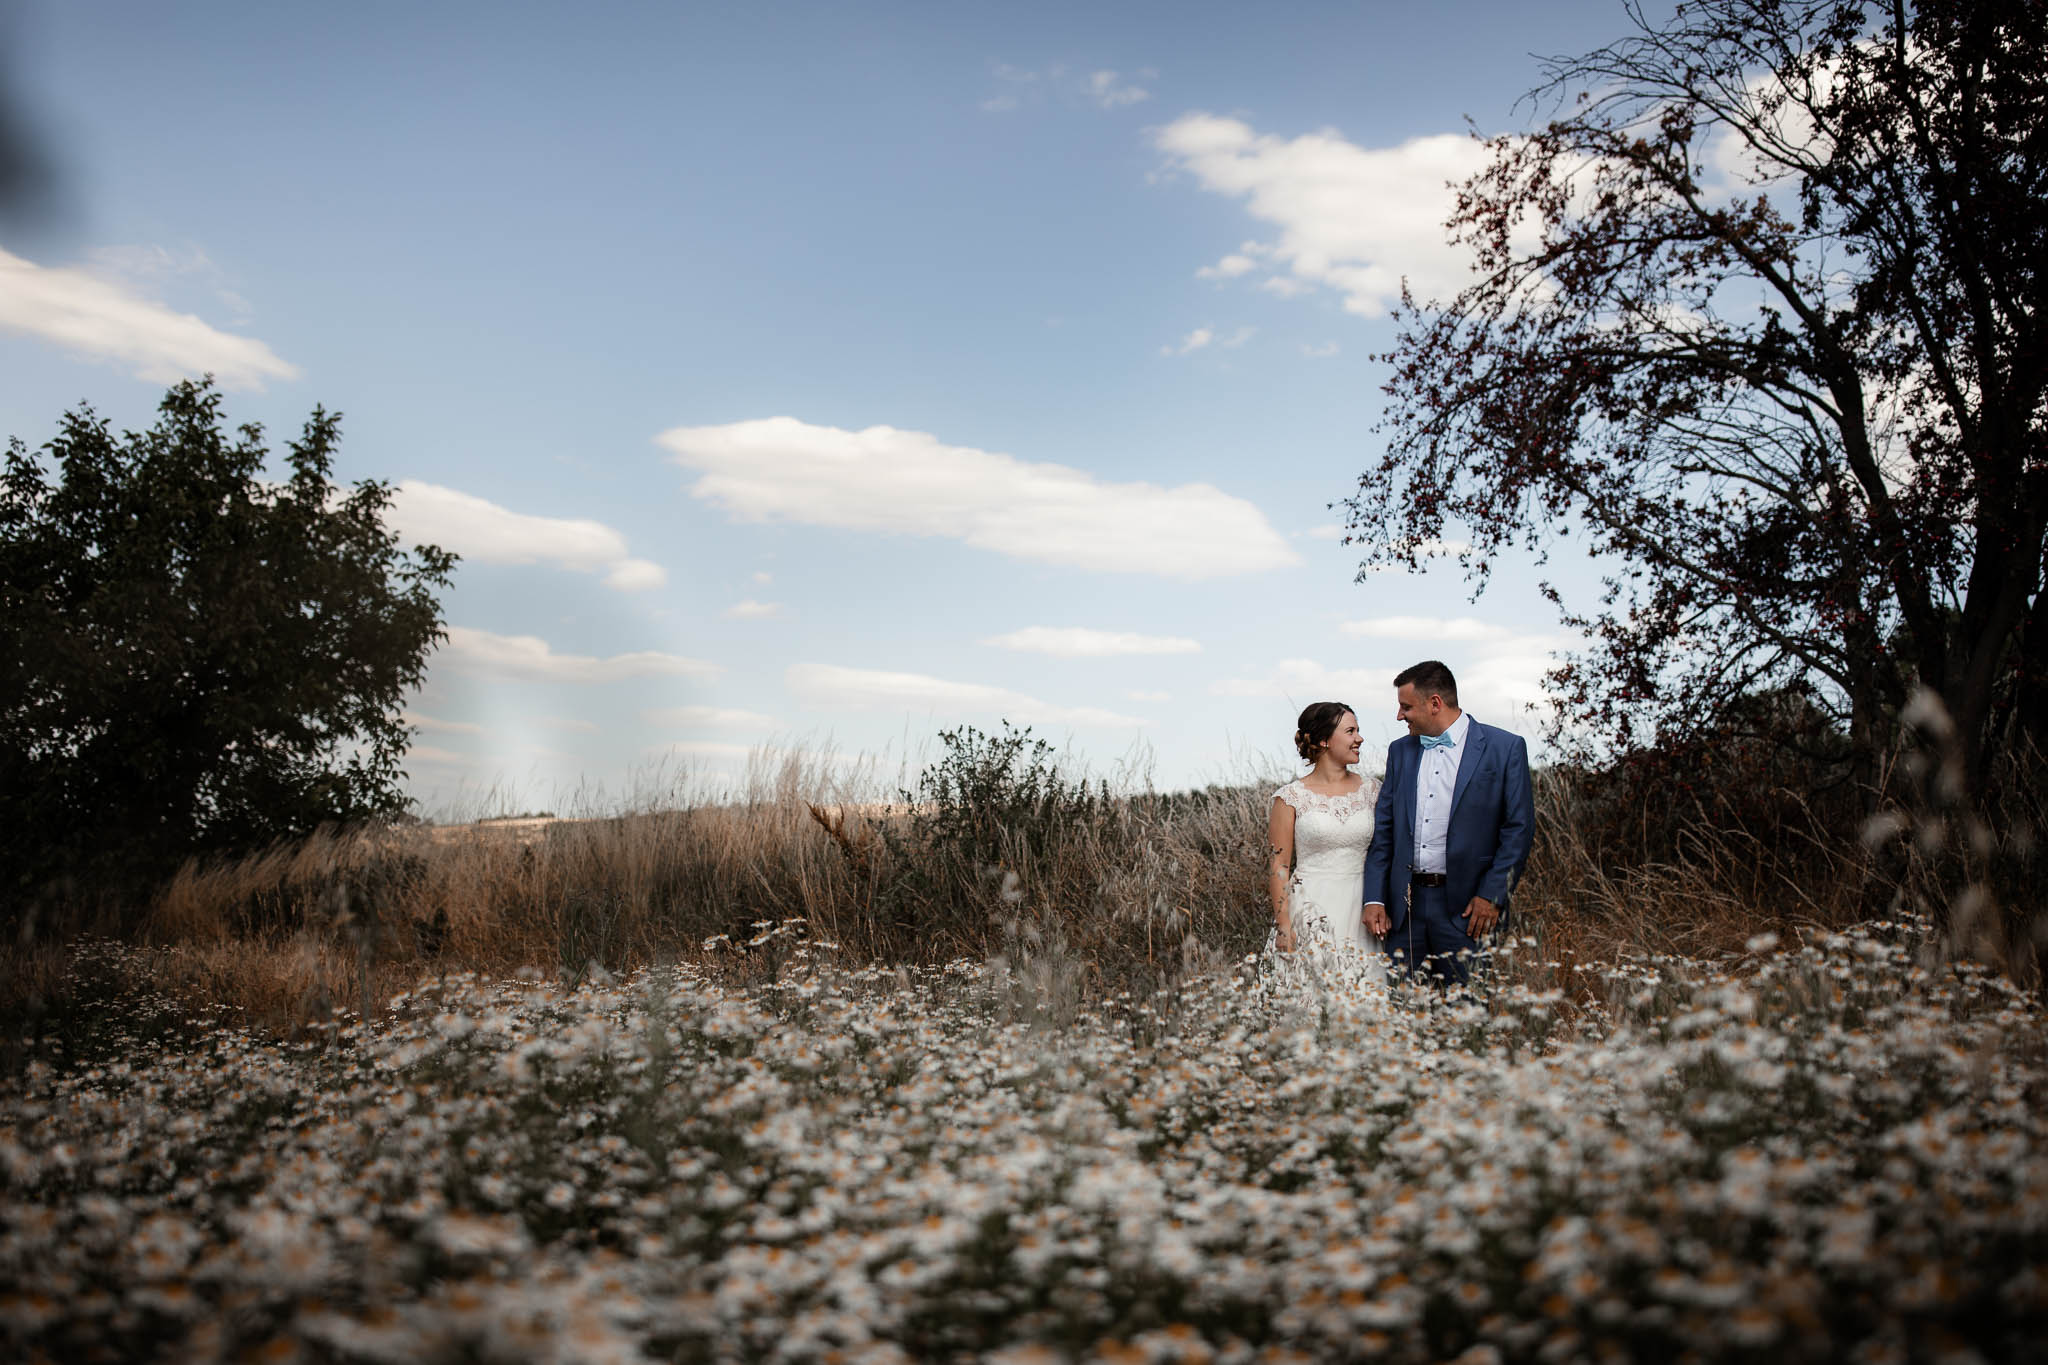 Hochzeitsfotograf Alzey - Mauchenheim, Weingut Fitting